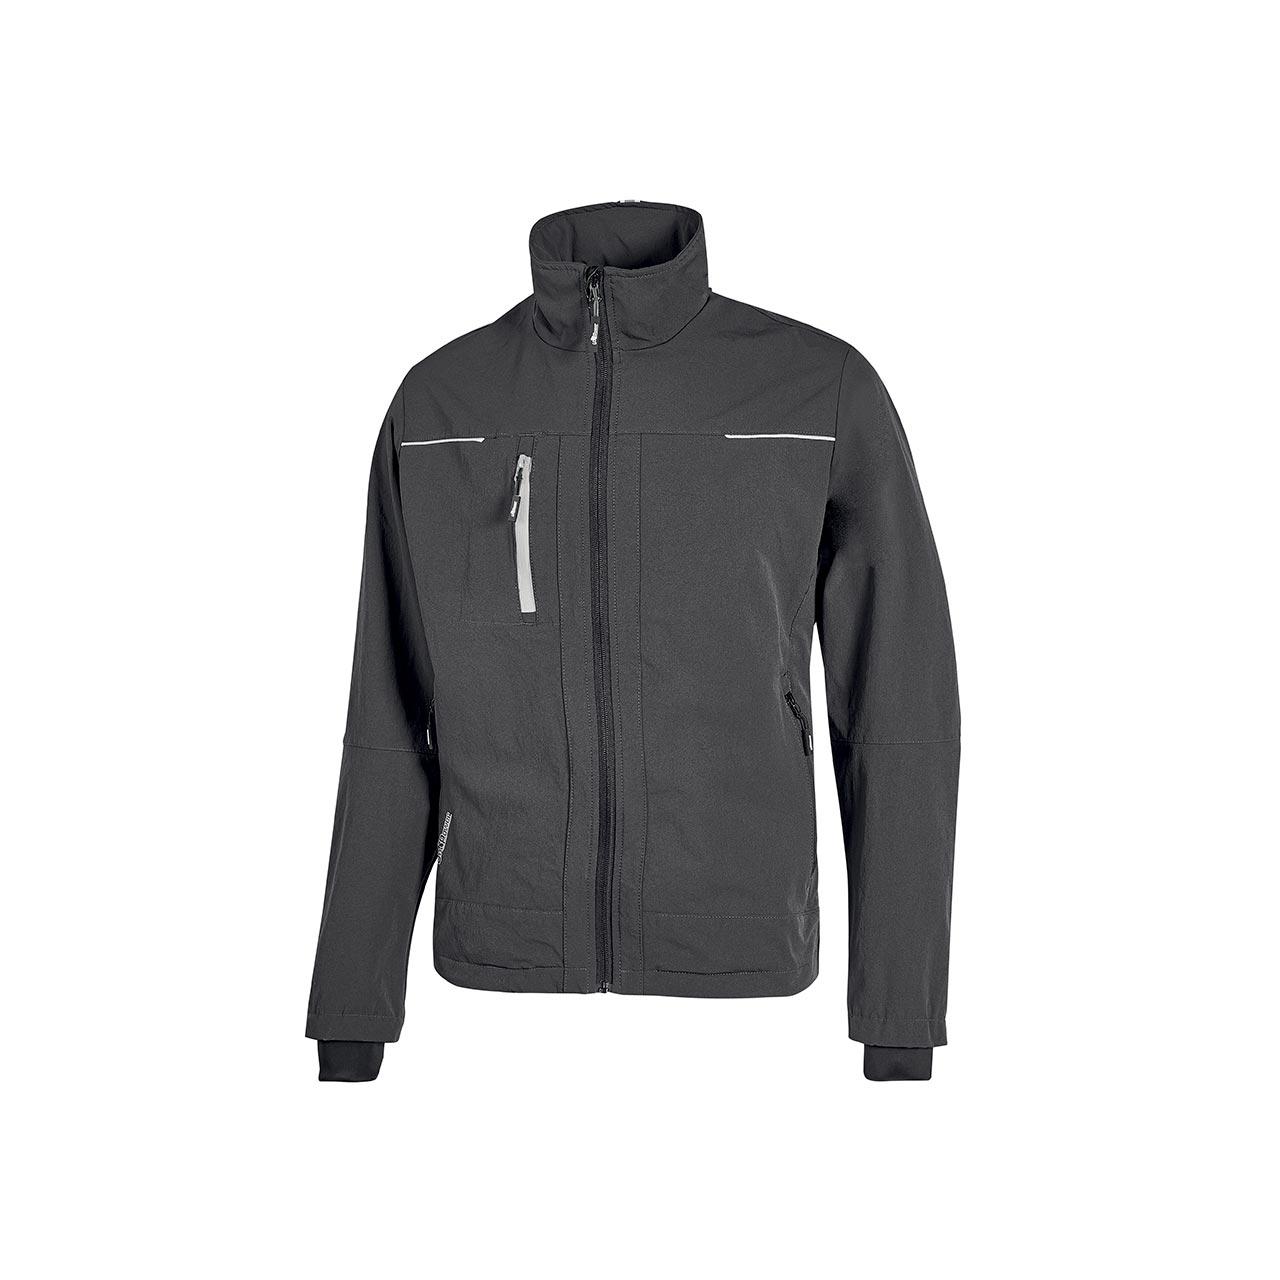 giacca da lavoro upower modello pluton colore asphalt grey prodotto